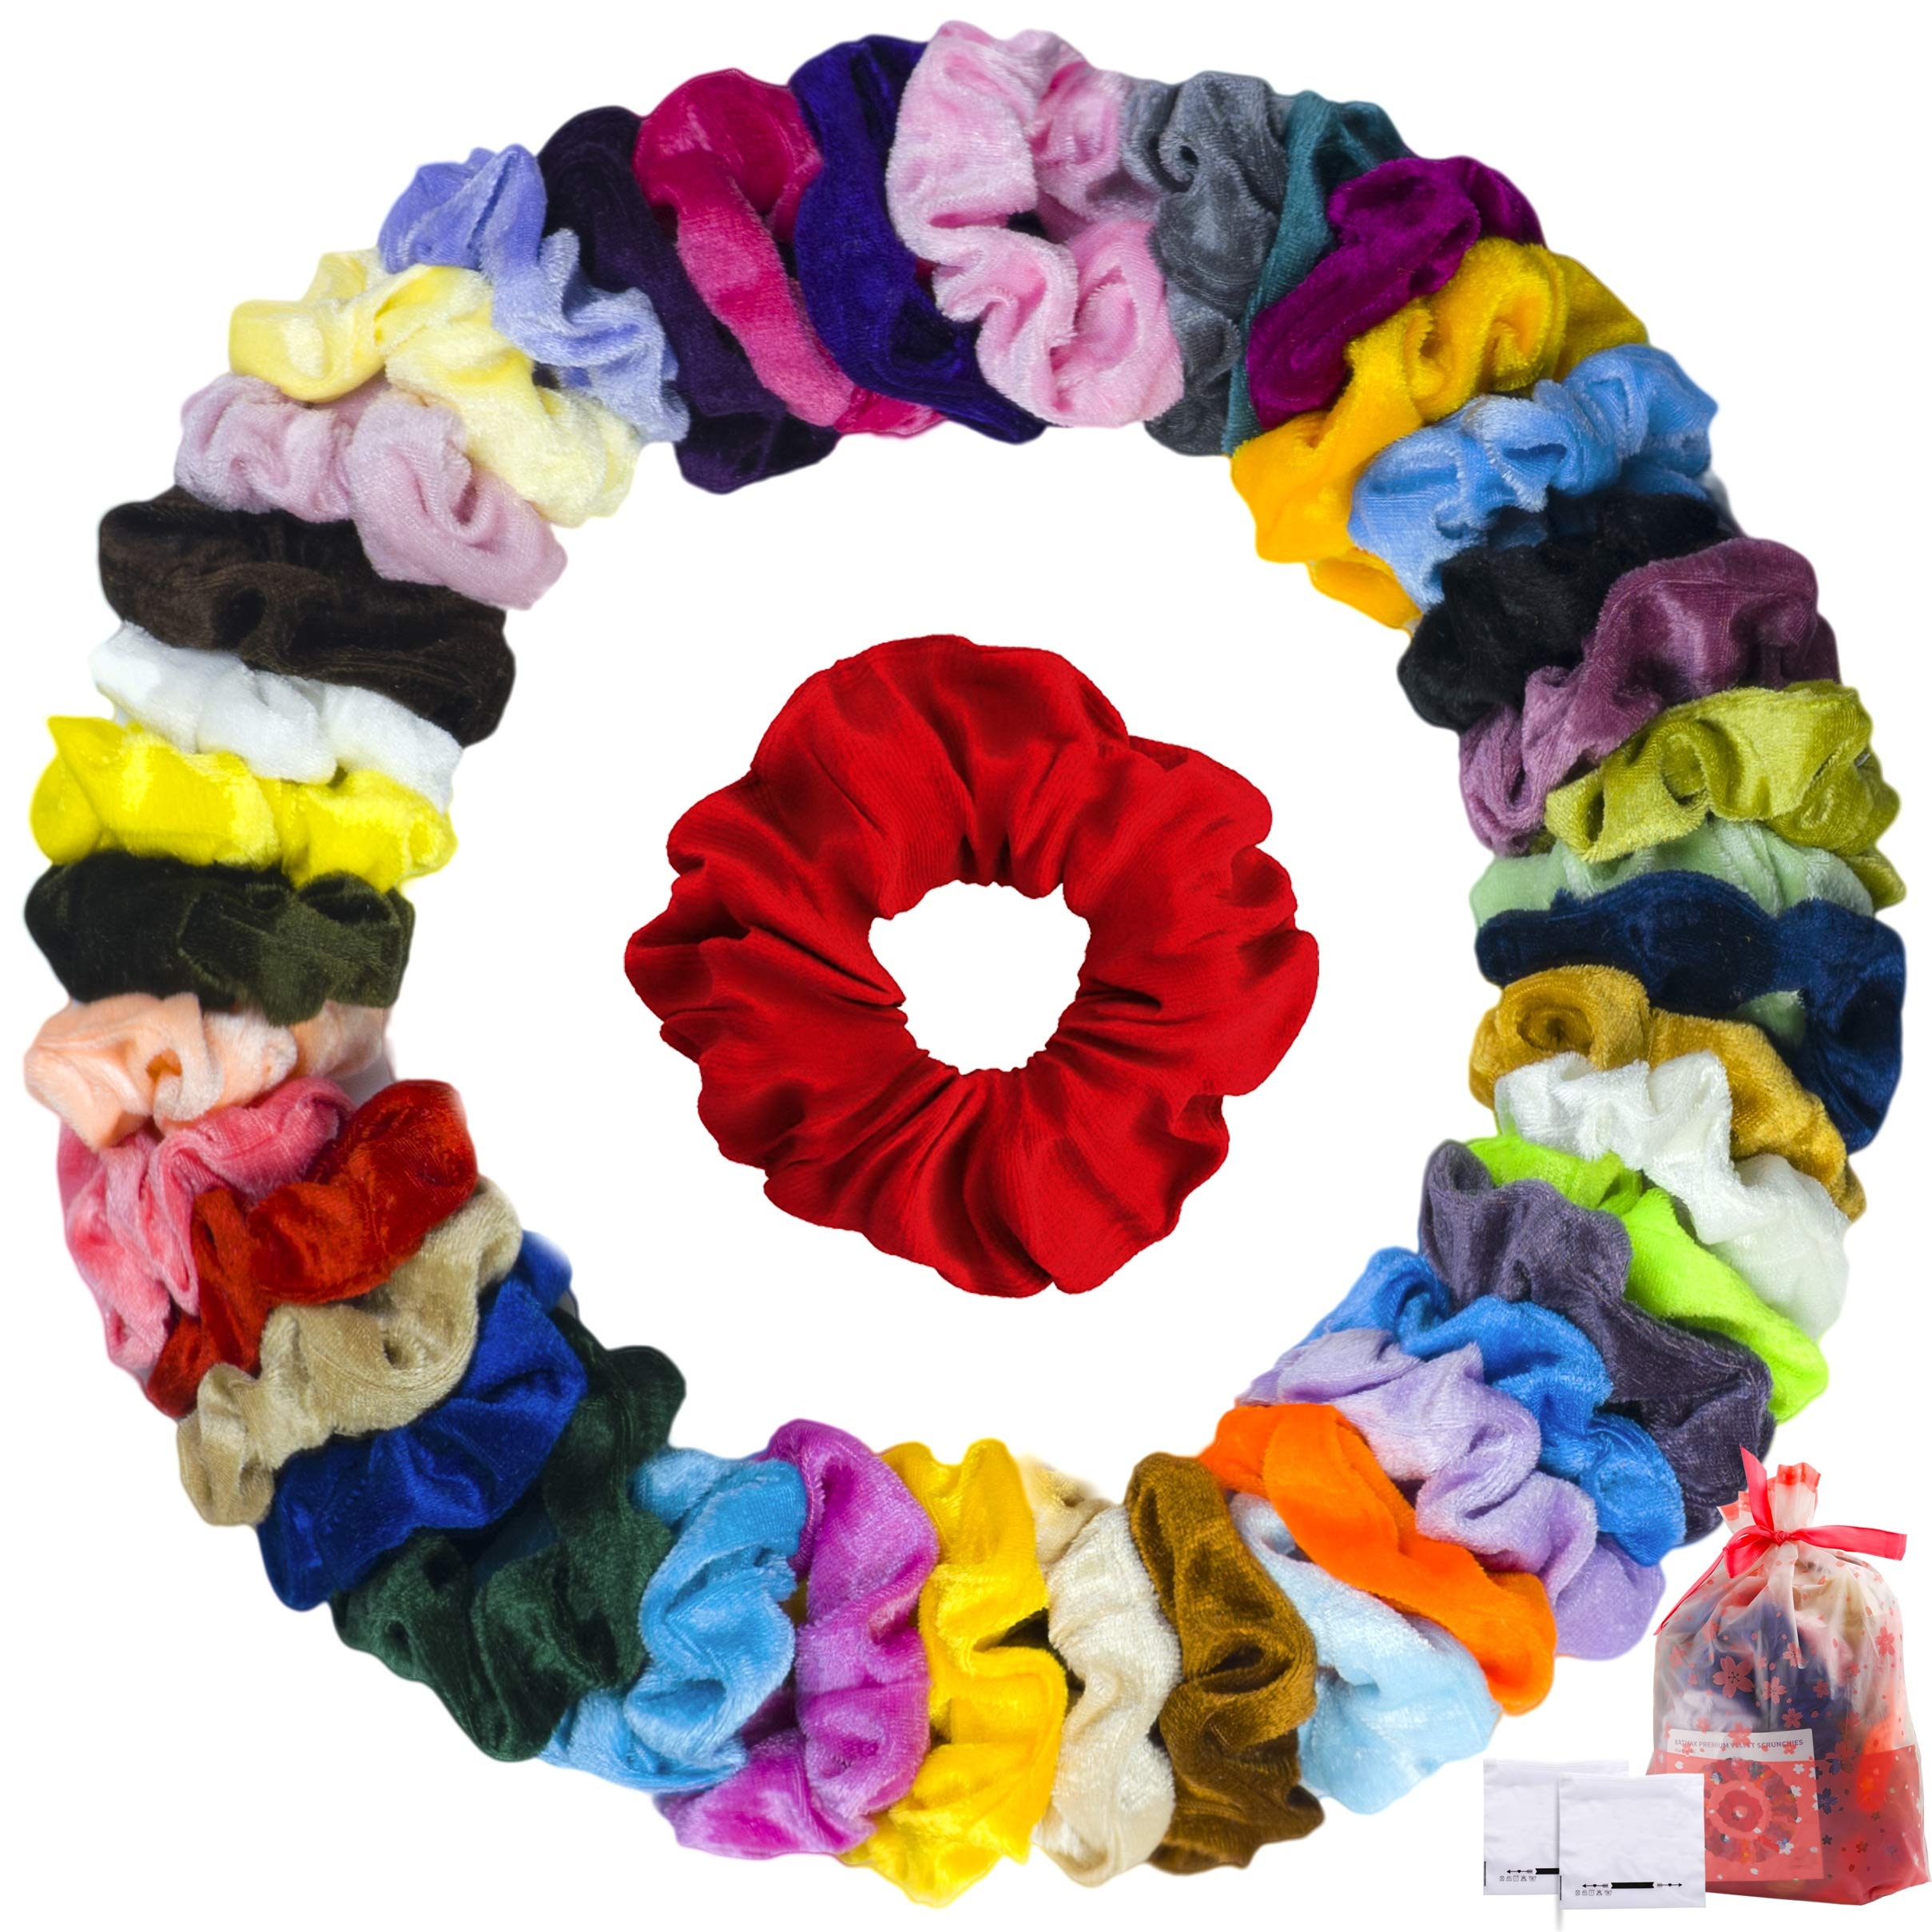 XATMAX 40 Scrunchies for Girls Hair Bobbles - VSCO Girls Scrunchies Velvet Pack Ponytail Hair Scrunchies for Girls Scrunchies Pack with Storage Bags